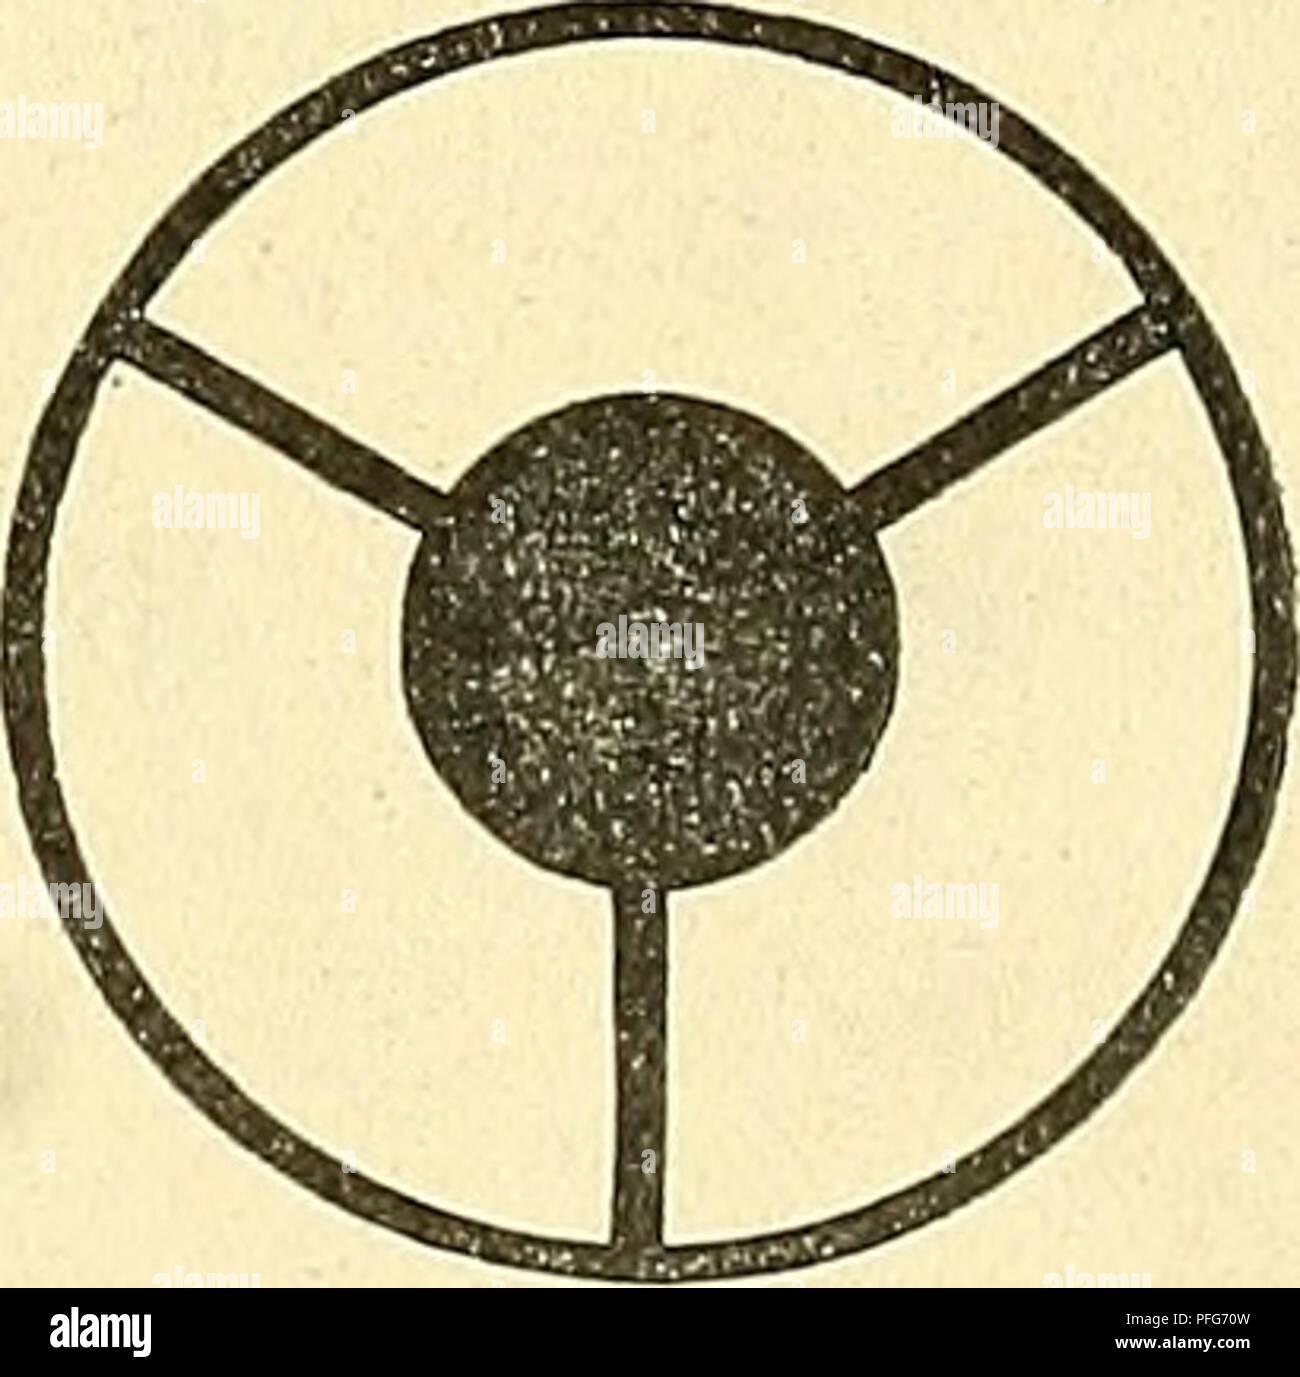 . Das Mikroskop. Ein Leitfaden der wissenschaftlichen Mikroskopie. Microscopy; Microscopes. 97 4. Die Dunkelfeldbeleuchtung. § 139. Bei der sogenannten Dunkelfeldbeleuchtung erscheinen die im Präparat befindlichen Objecte hell auf dunklem Grunde, was z. B. bei der Auffindung und Verfolgung kleiner Organismen oder dergl. viel- fach von Vortheil sein kann. Ferner kann die Dunkelfeldbeleuchtung auch bei der Mikrophotographie in manchen Fällen gute Dienste leisten. Das Princip der Dunkelfeldbeleuchtung beruht darauf, dass alle Strahlen, die von dem betreffenden Objective aufgenommen werden, durch  - Stock Image